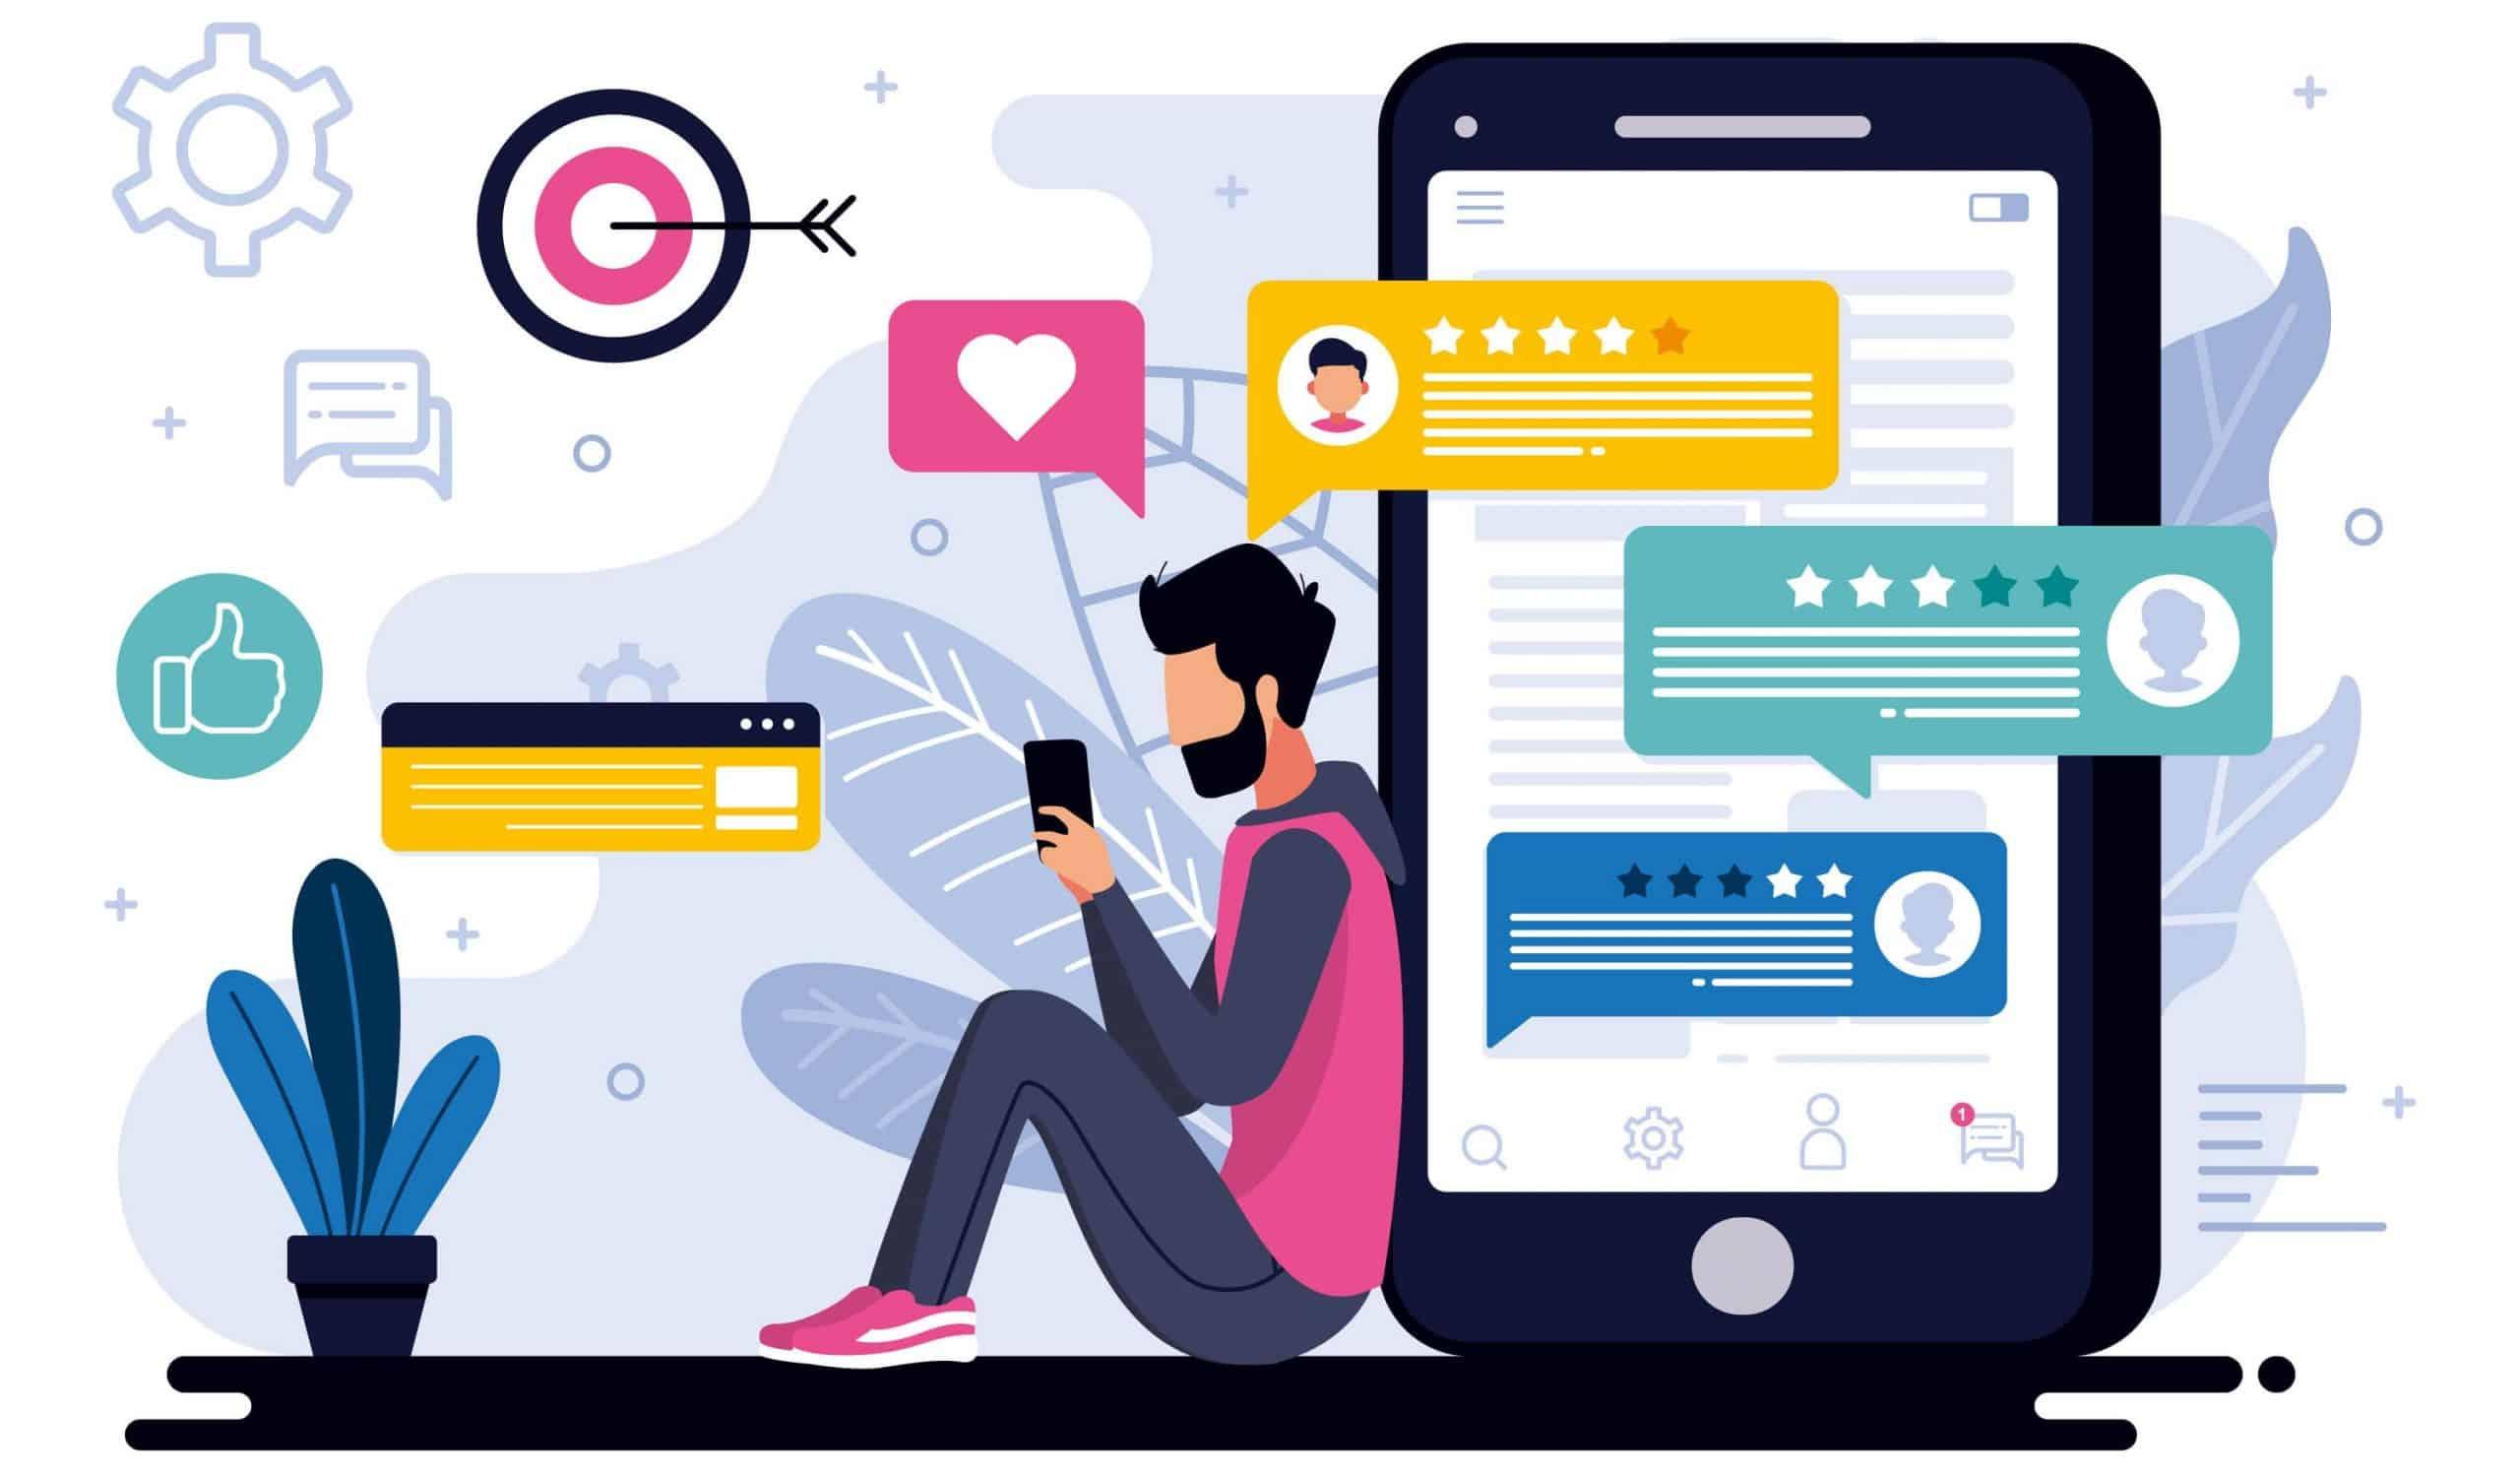 định hướng social key art khi quản lý fanpage